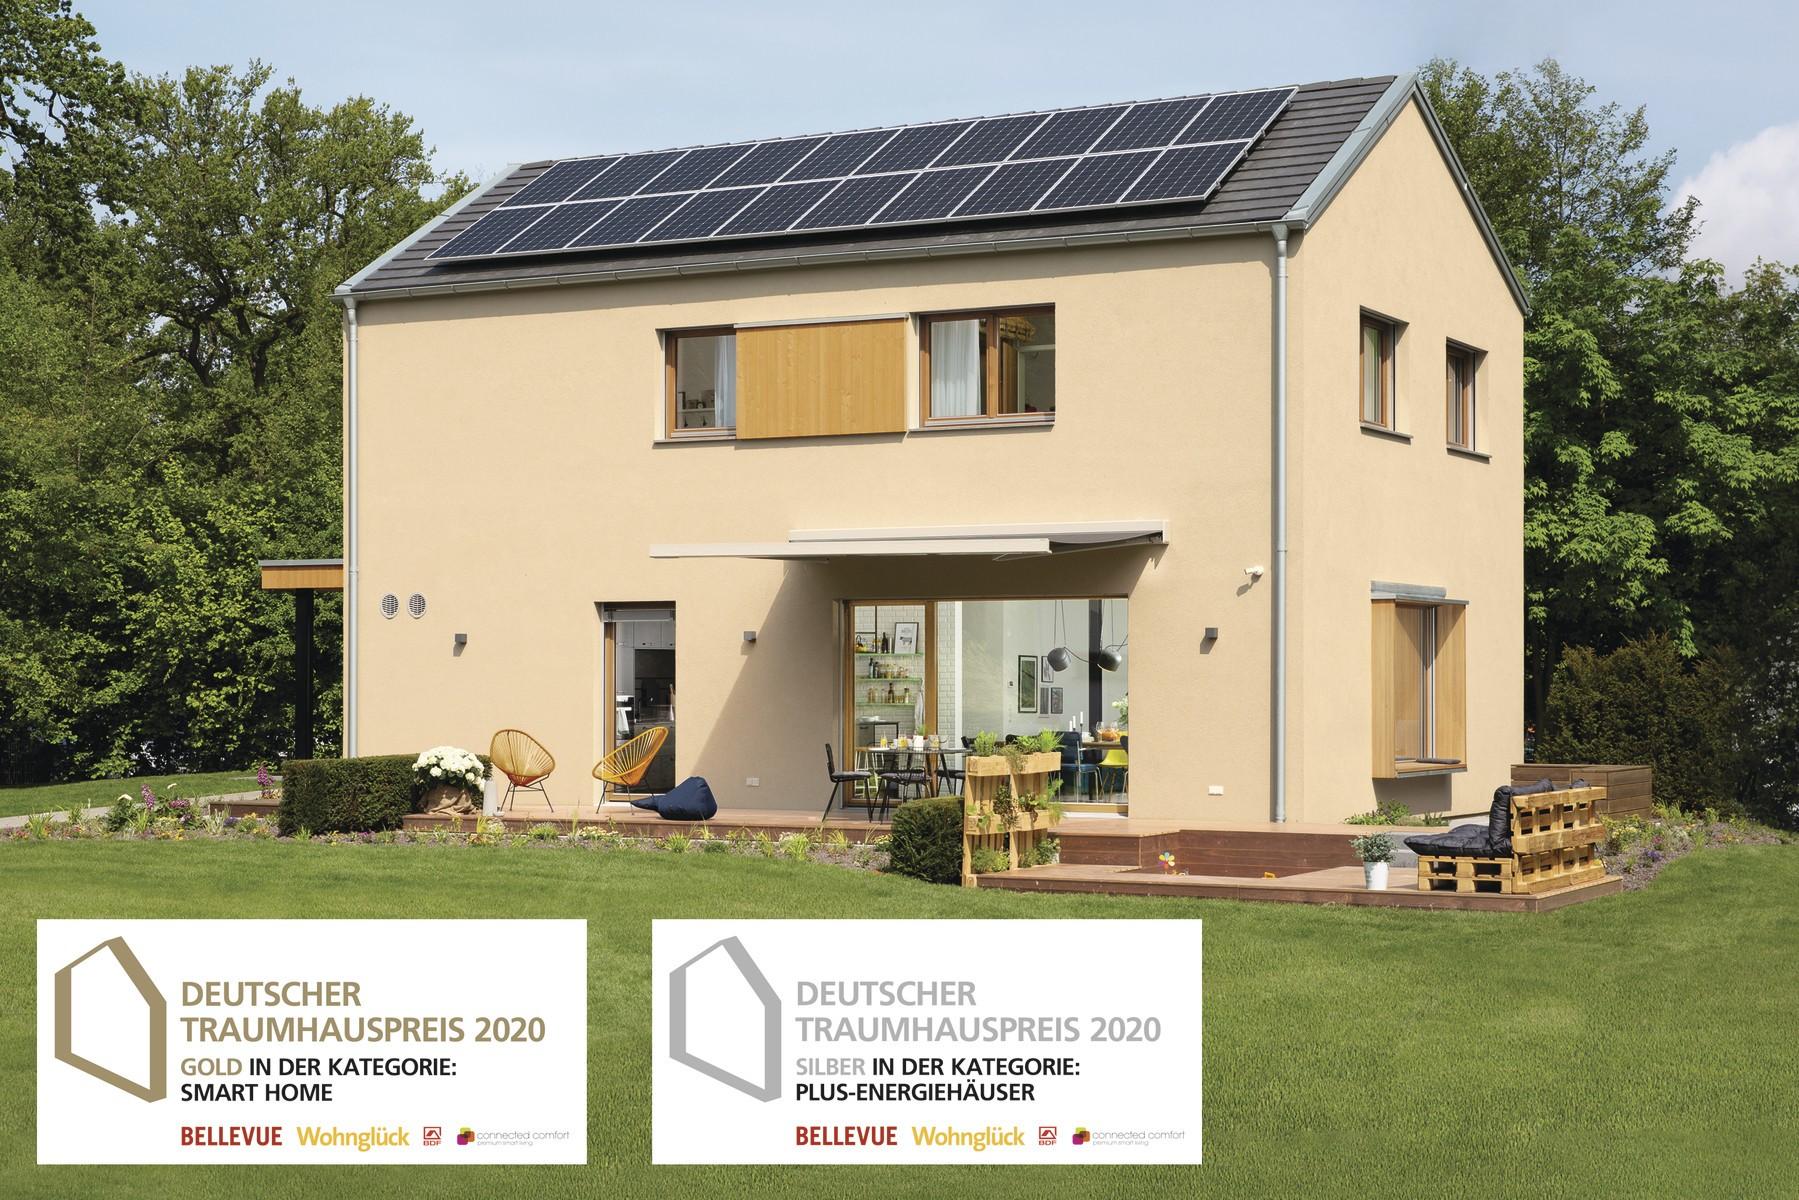 Gold beim Deutschen Traumhauspreis 2020